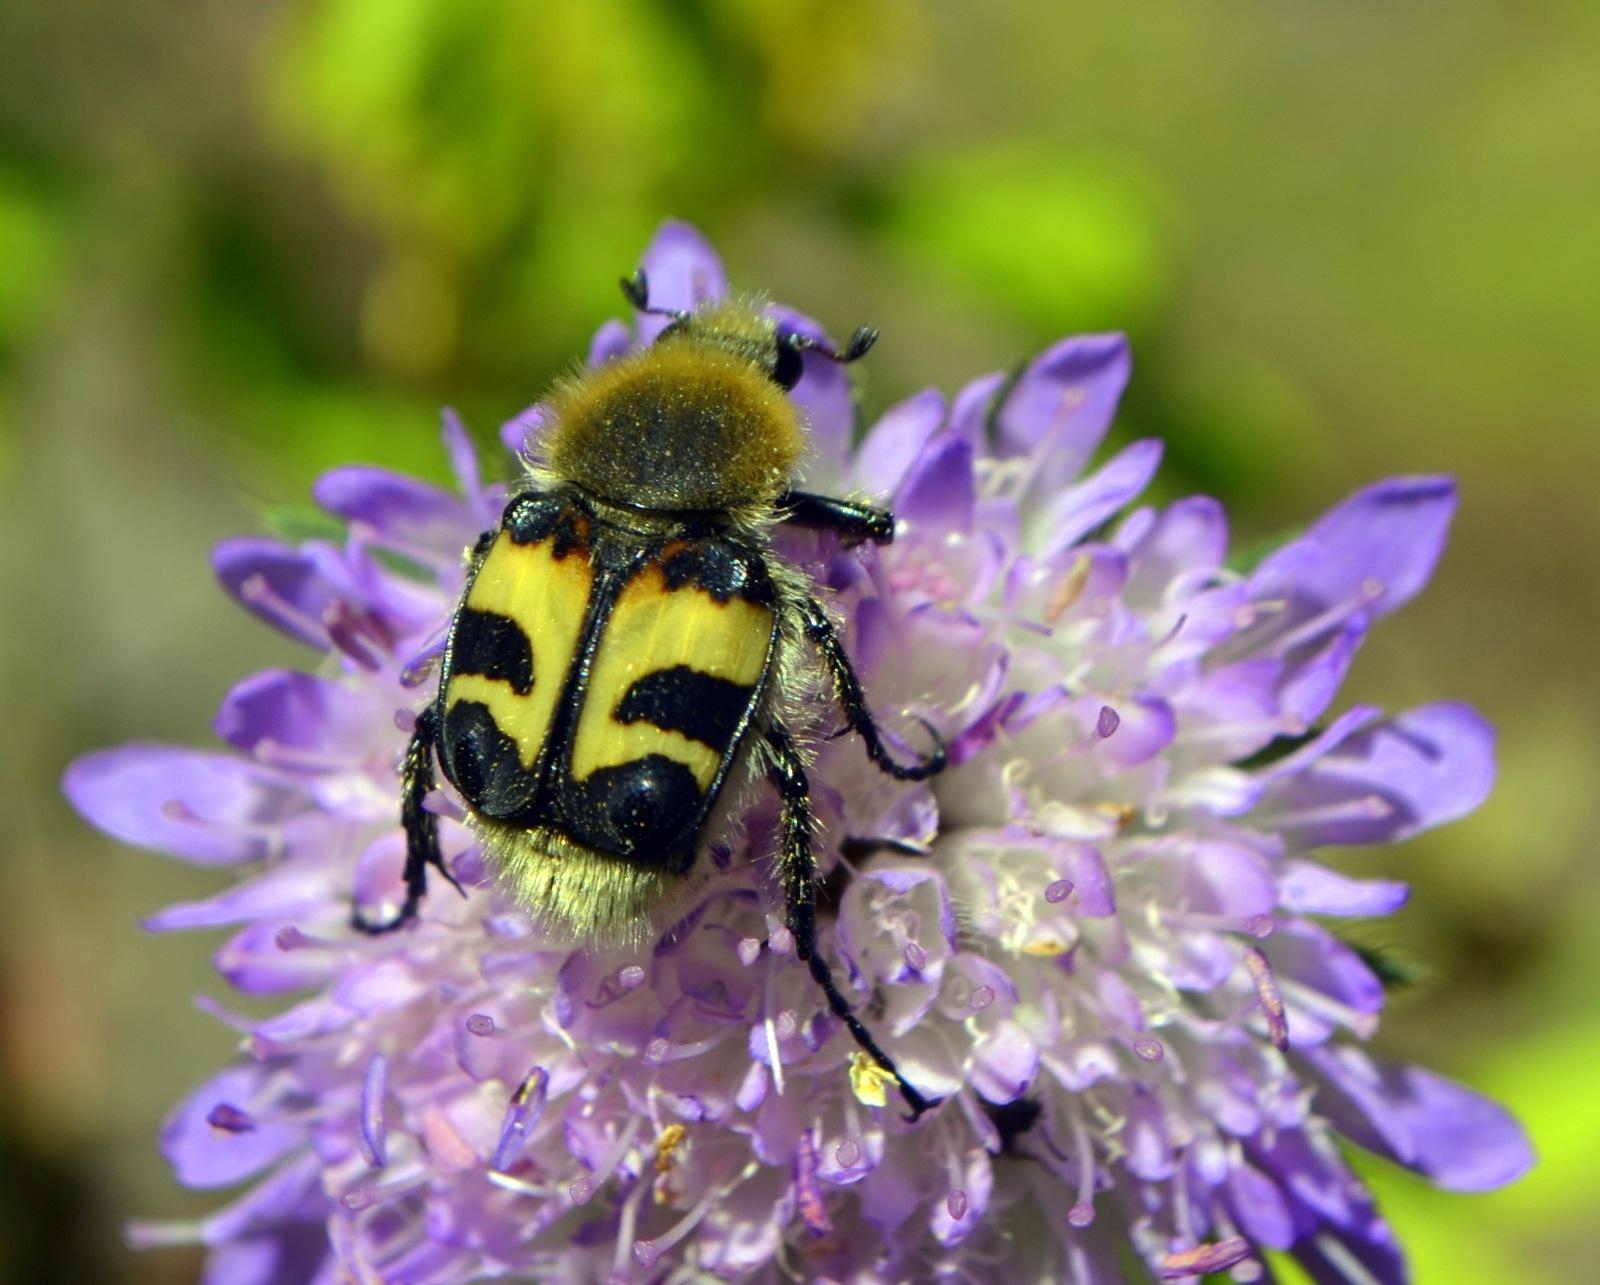 Little beetle by Vida Vidaite